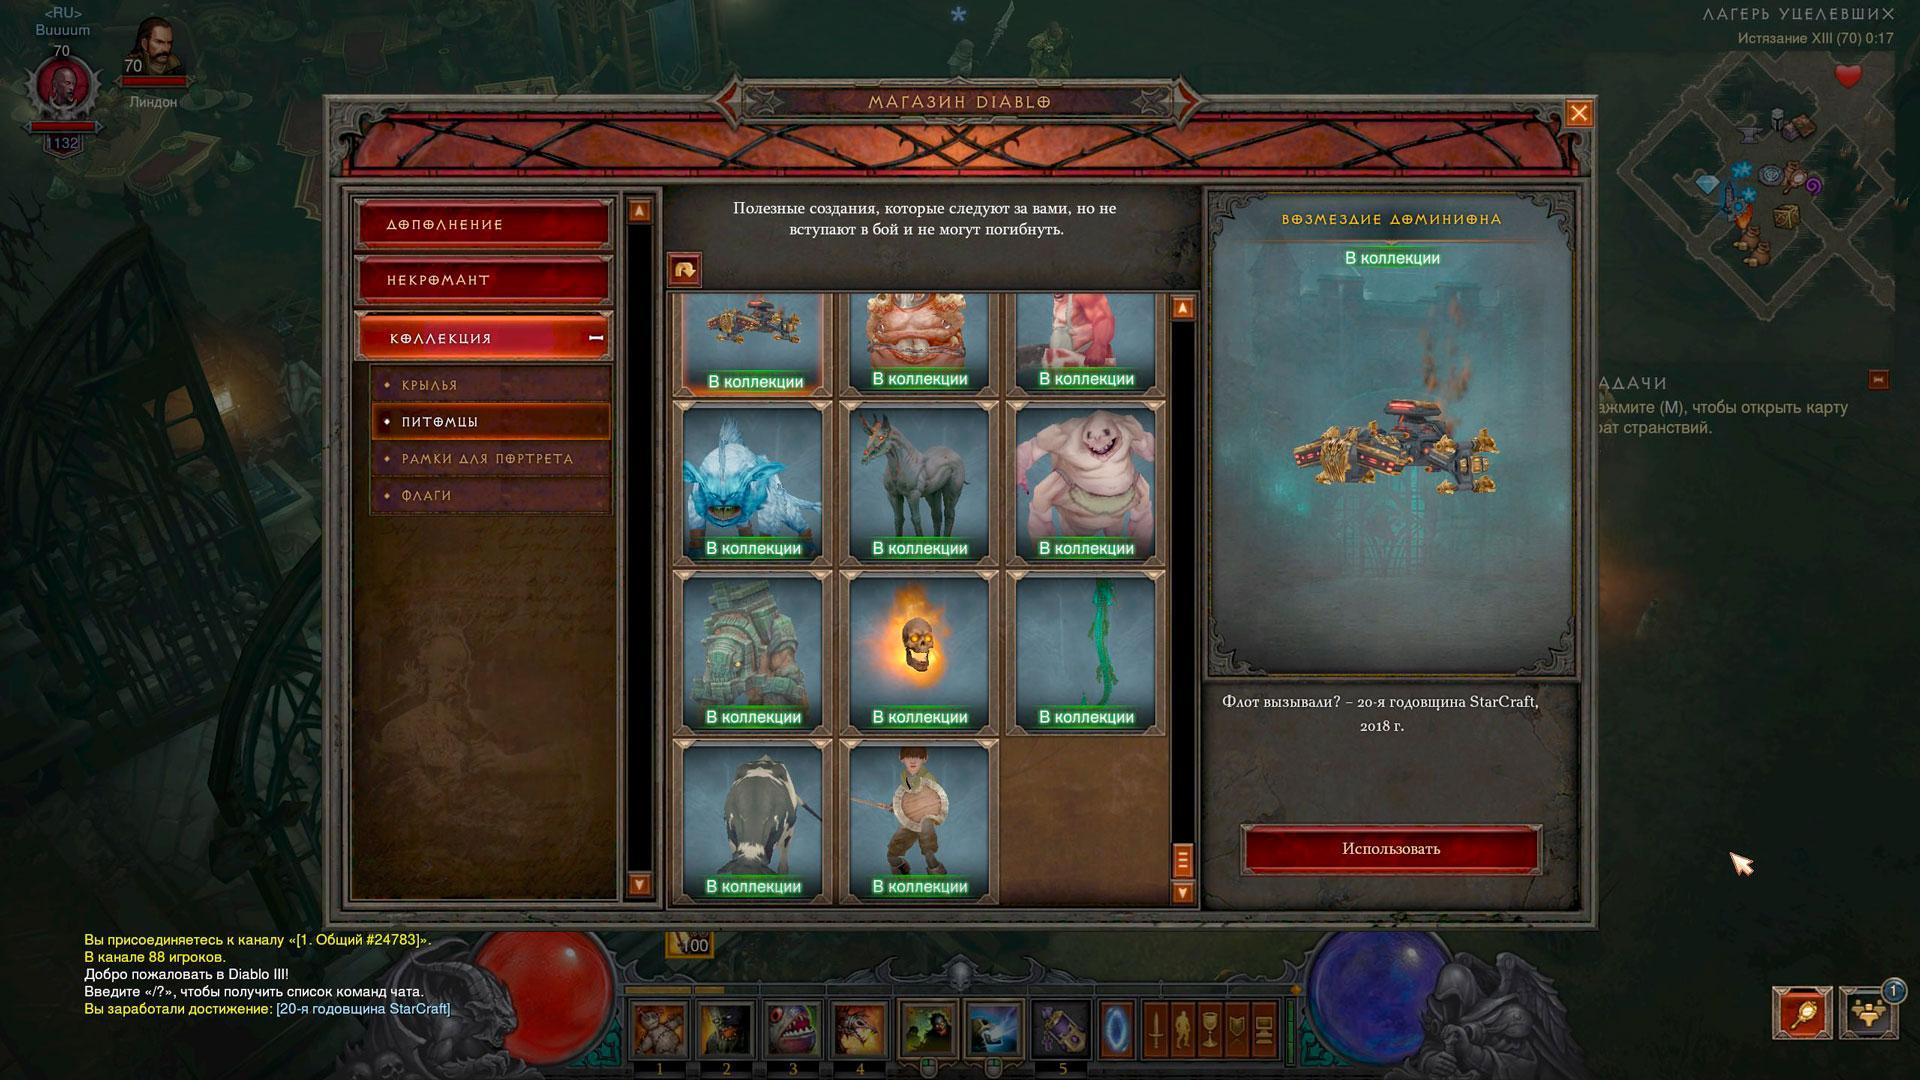 Получите бесплатно пета-батлкруизер в Diablo III